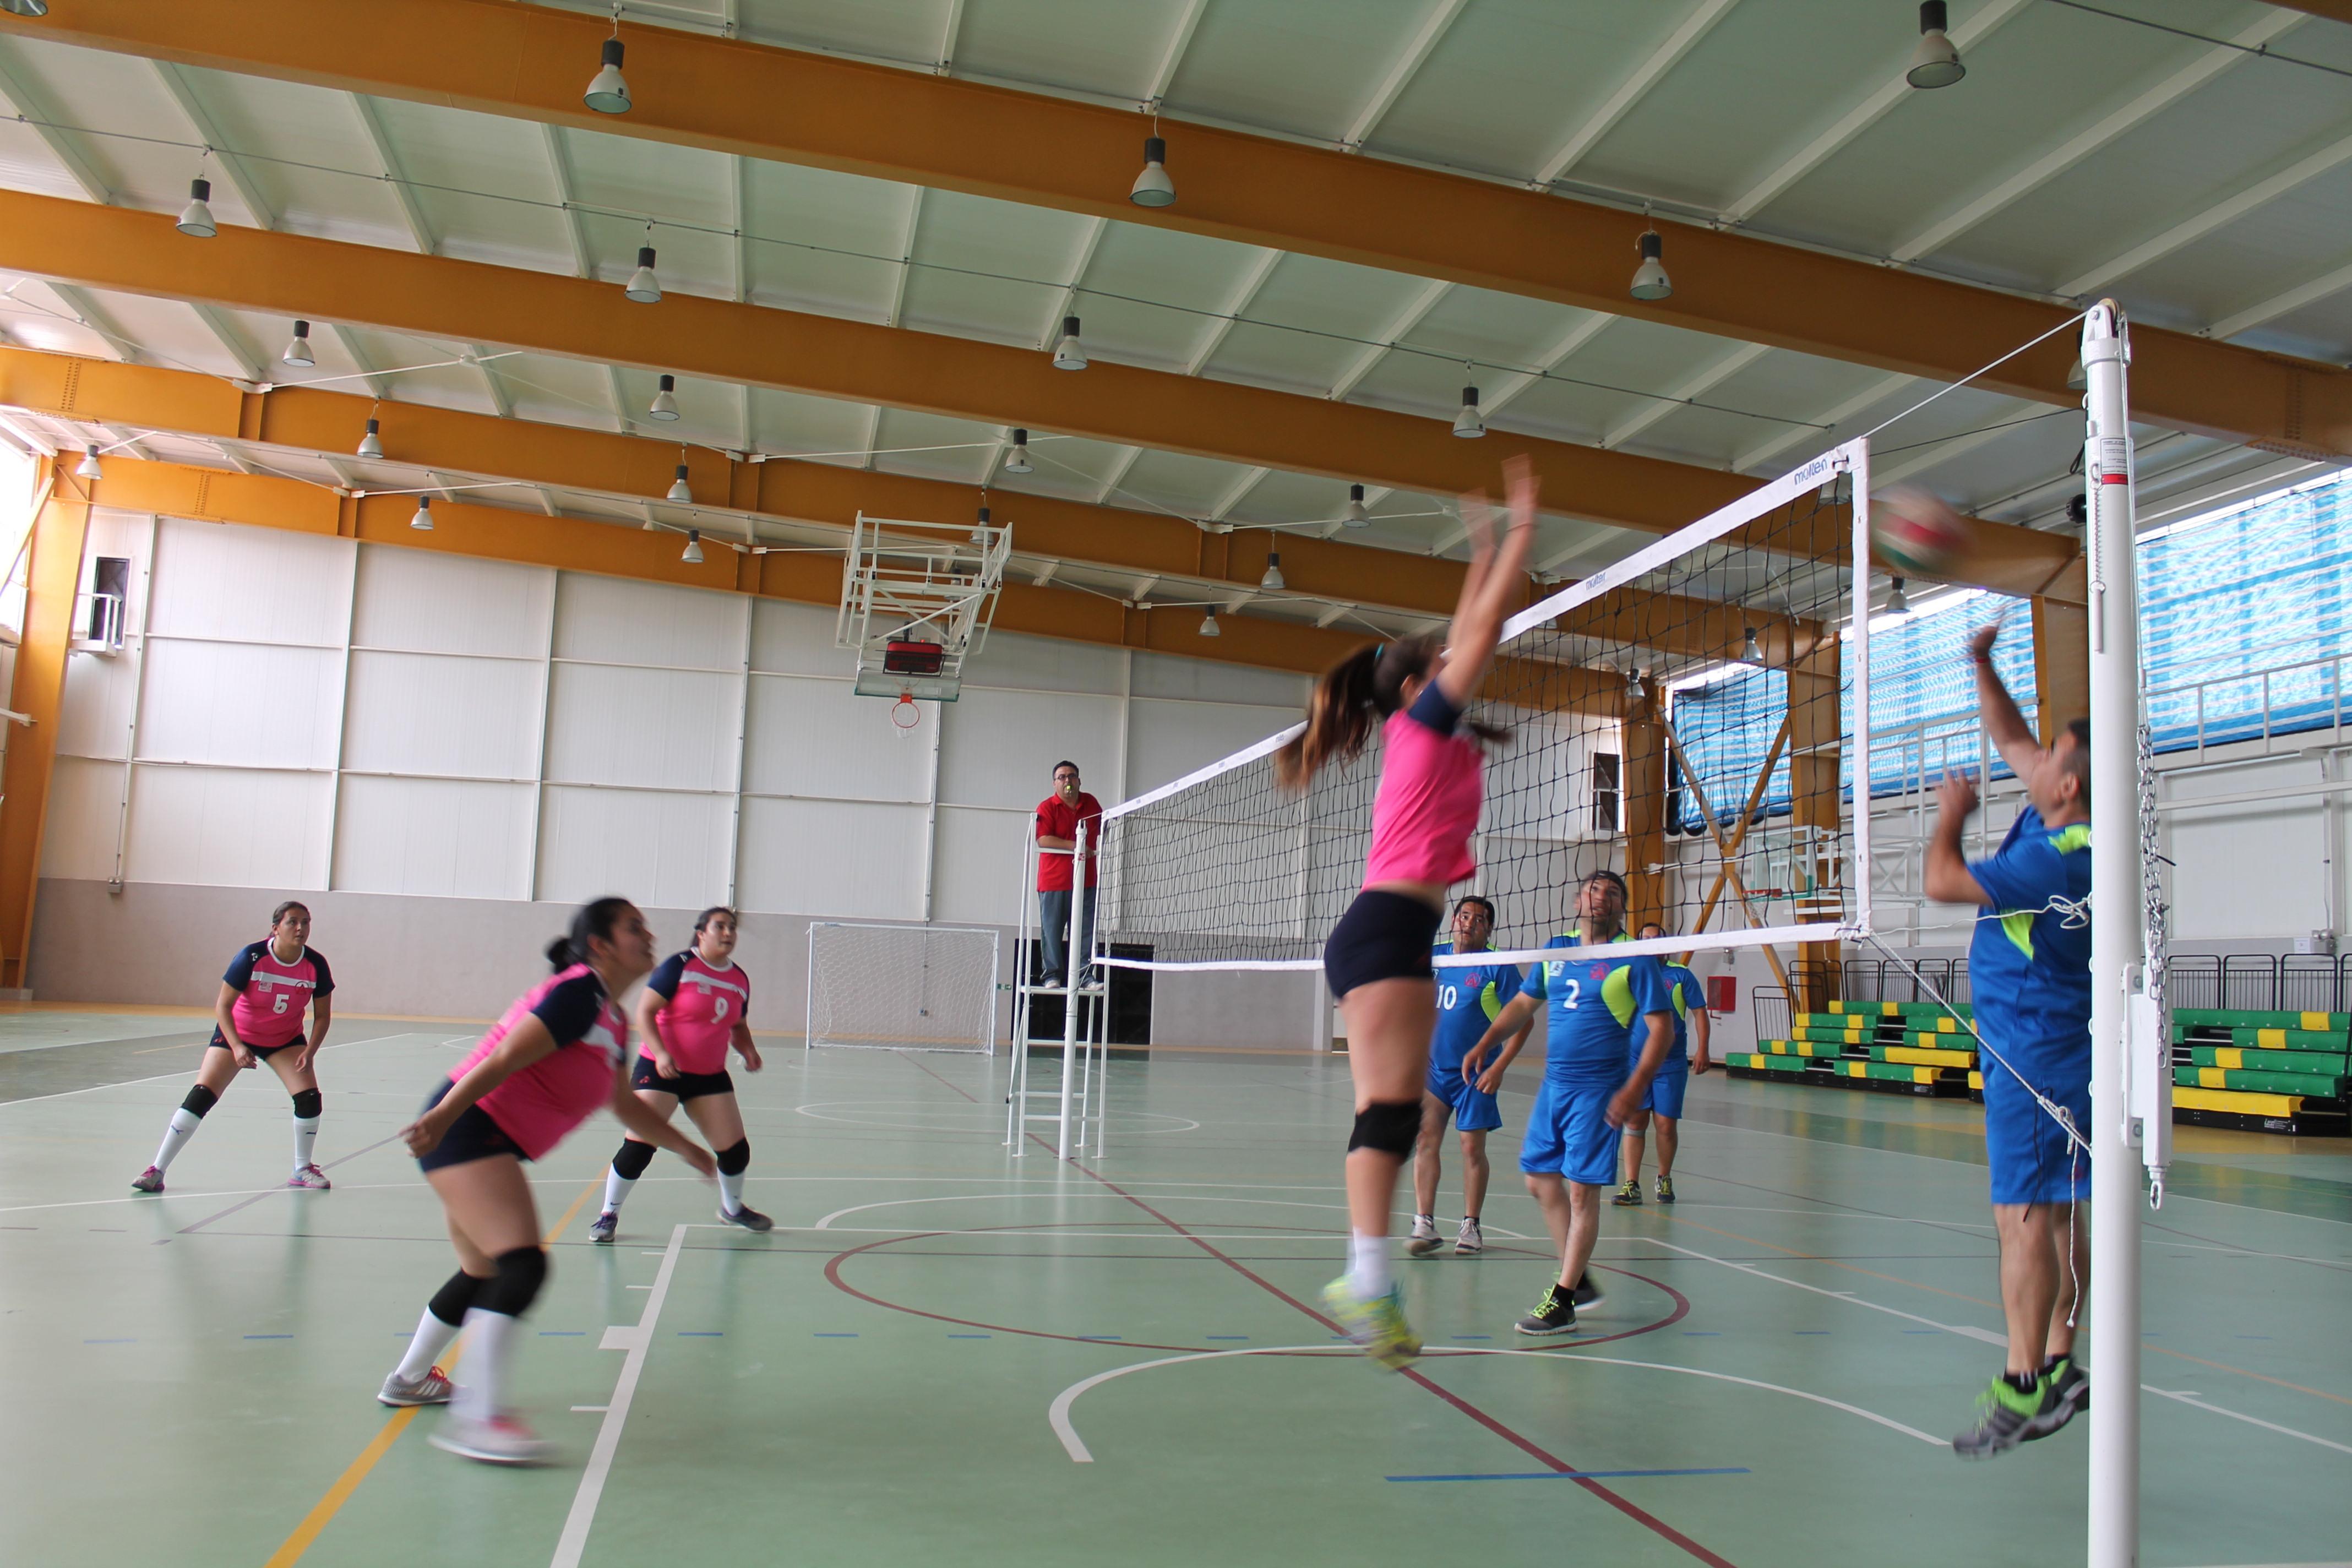 Finaliza exitoso campeonato de voleibol mixto organizado por Red Provincial de Promoción de Salud del Huasco